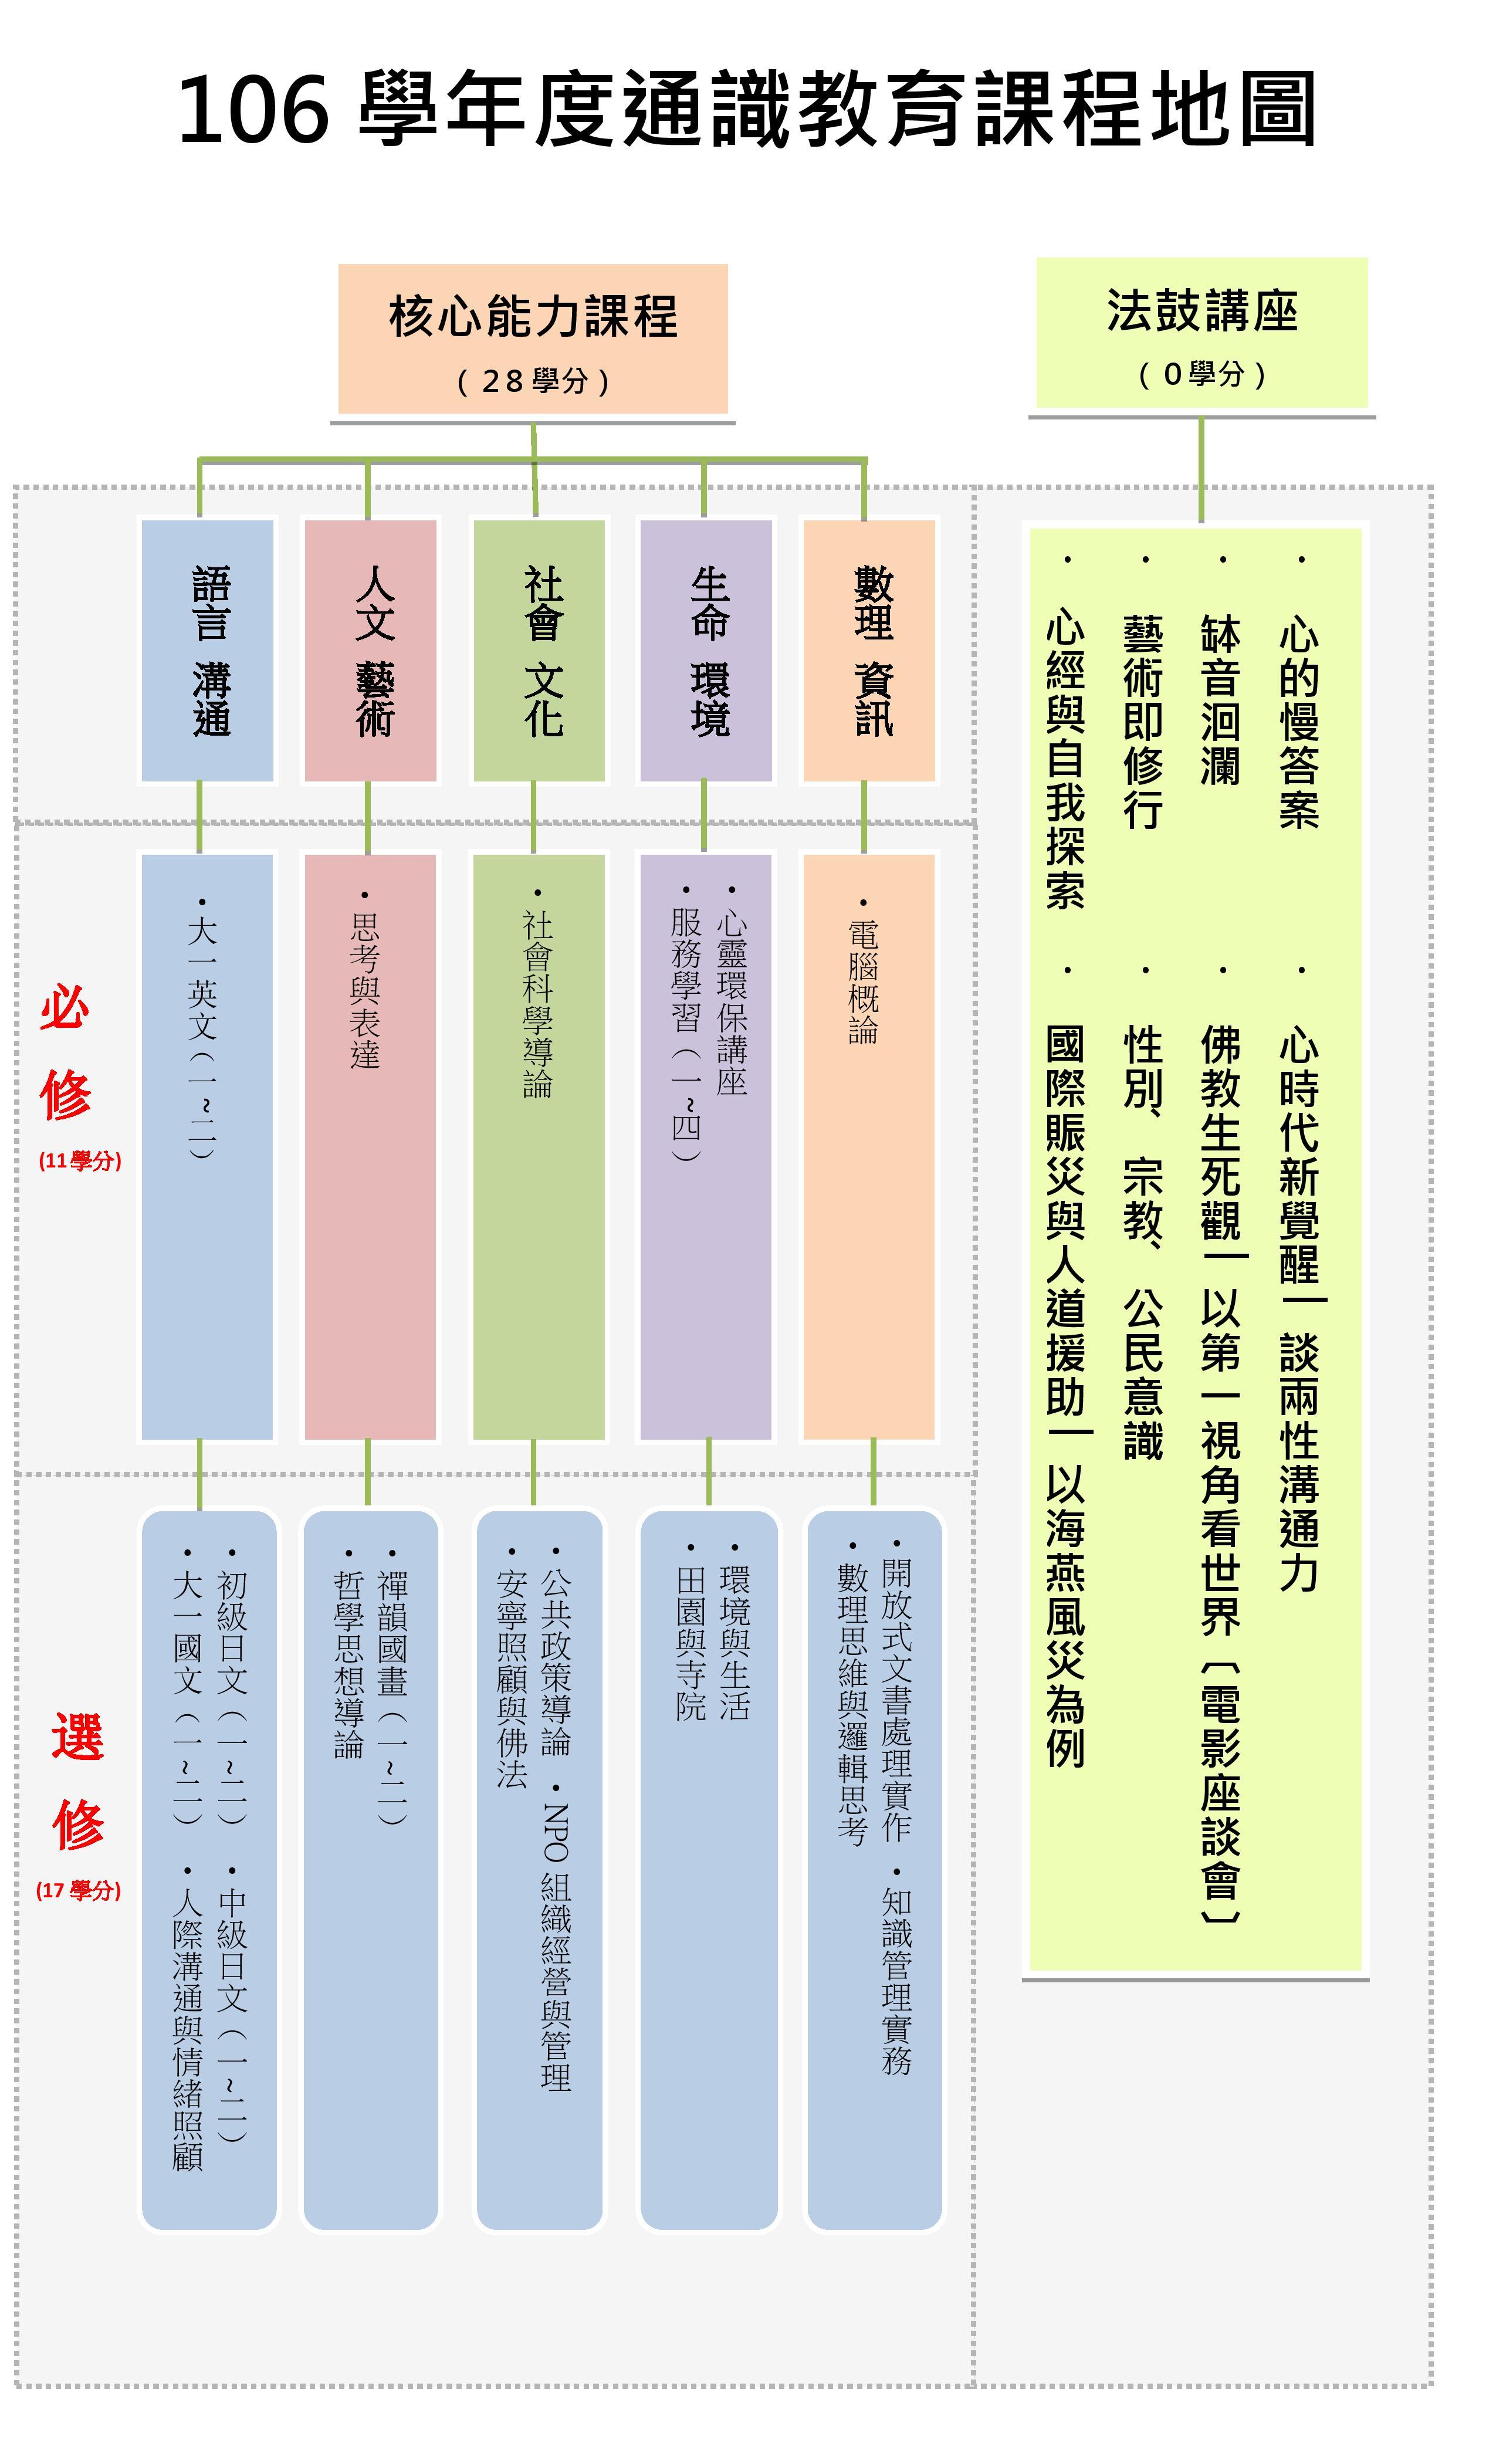 附件四-106 通識教育課程地圖